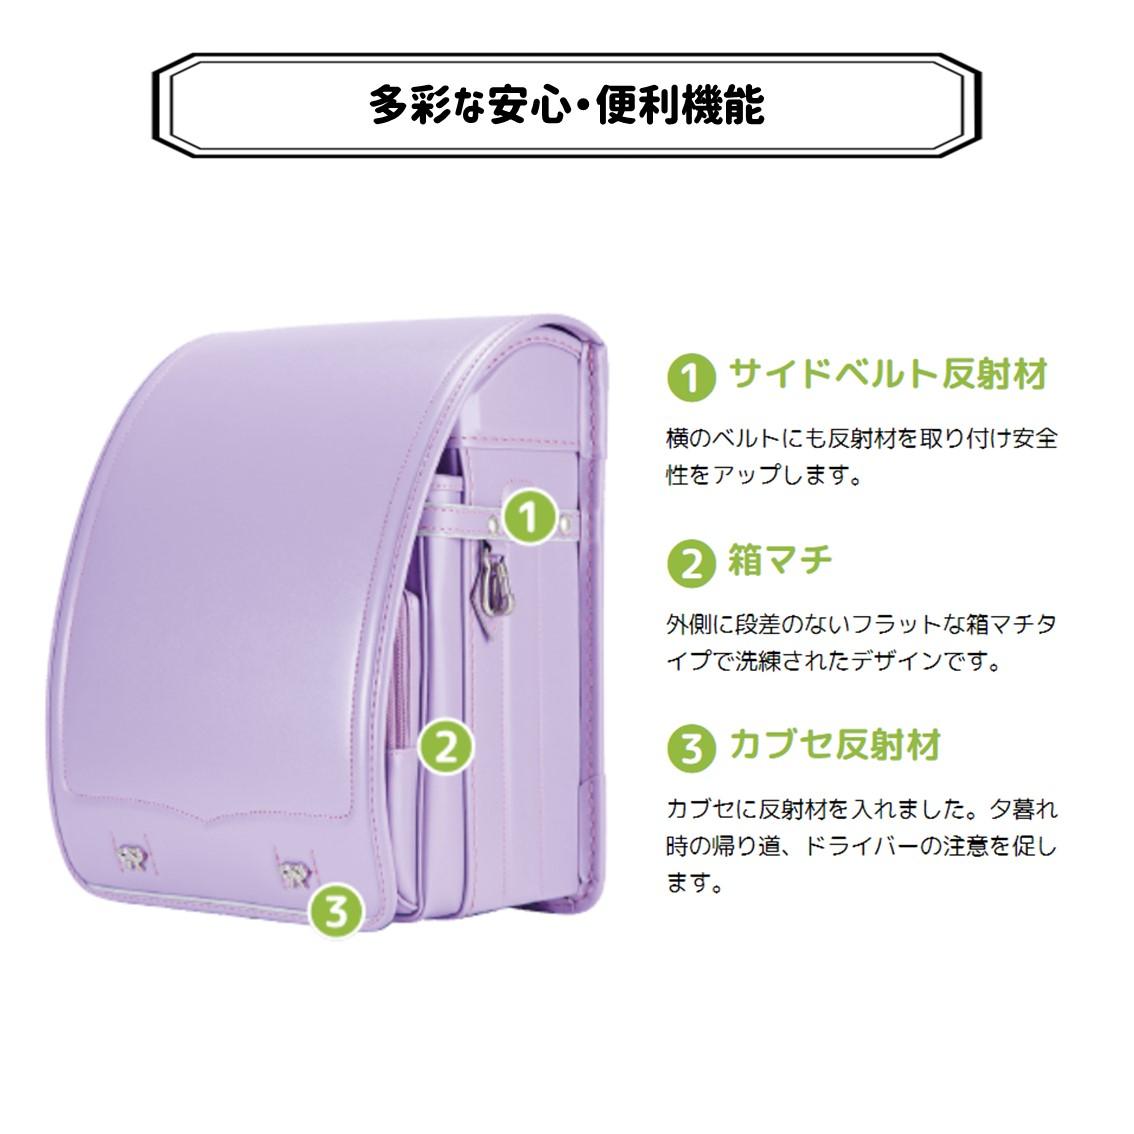 バンビーニ プリンセス 牛革 パープル/ピンク